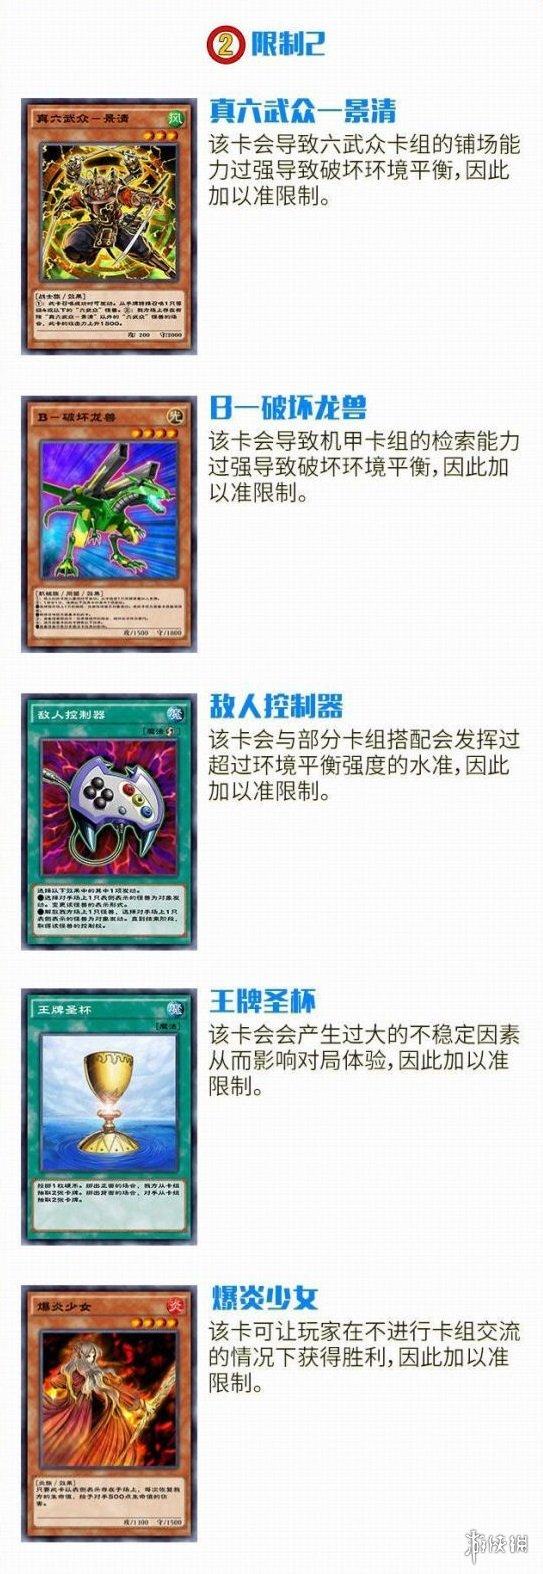 《游戏王决斗链接》国服限卡表更新 6.24禁限表新增卡牌一览